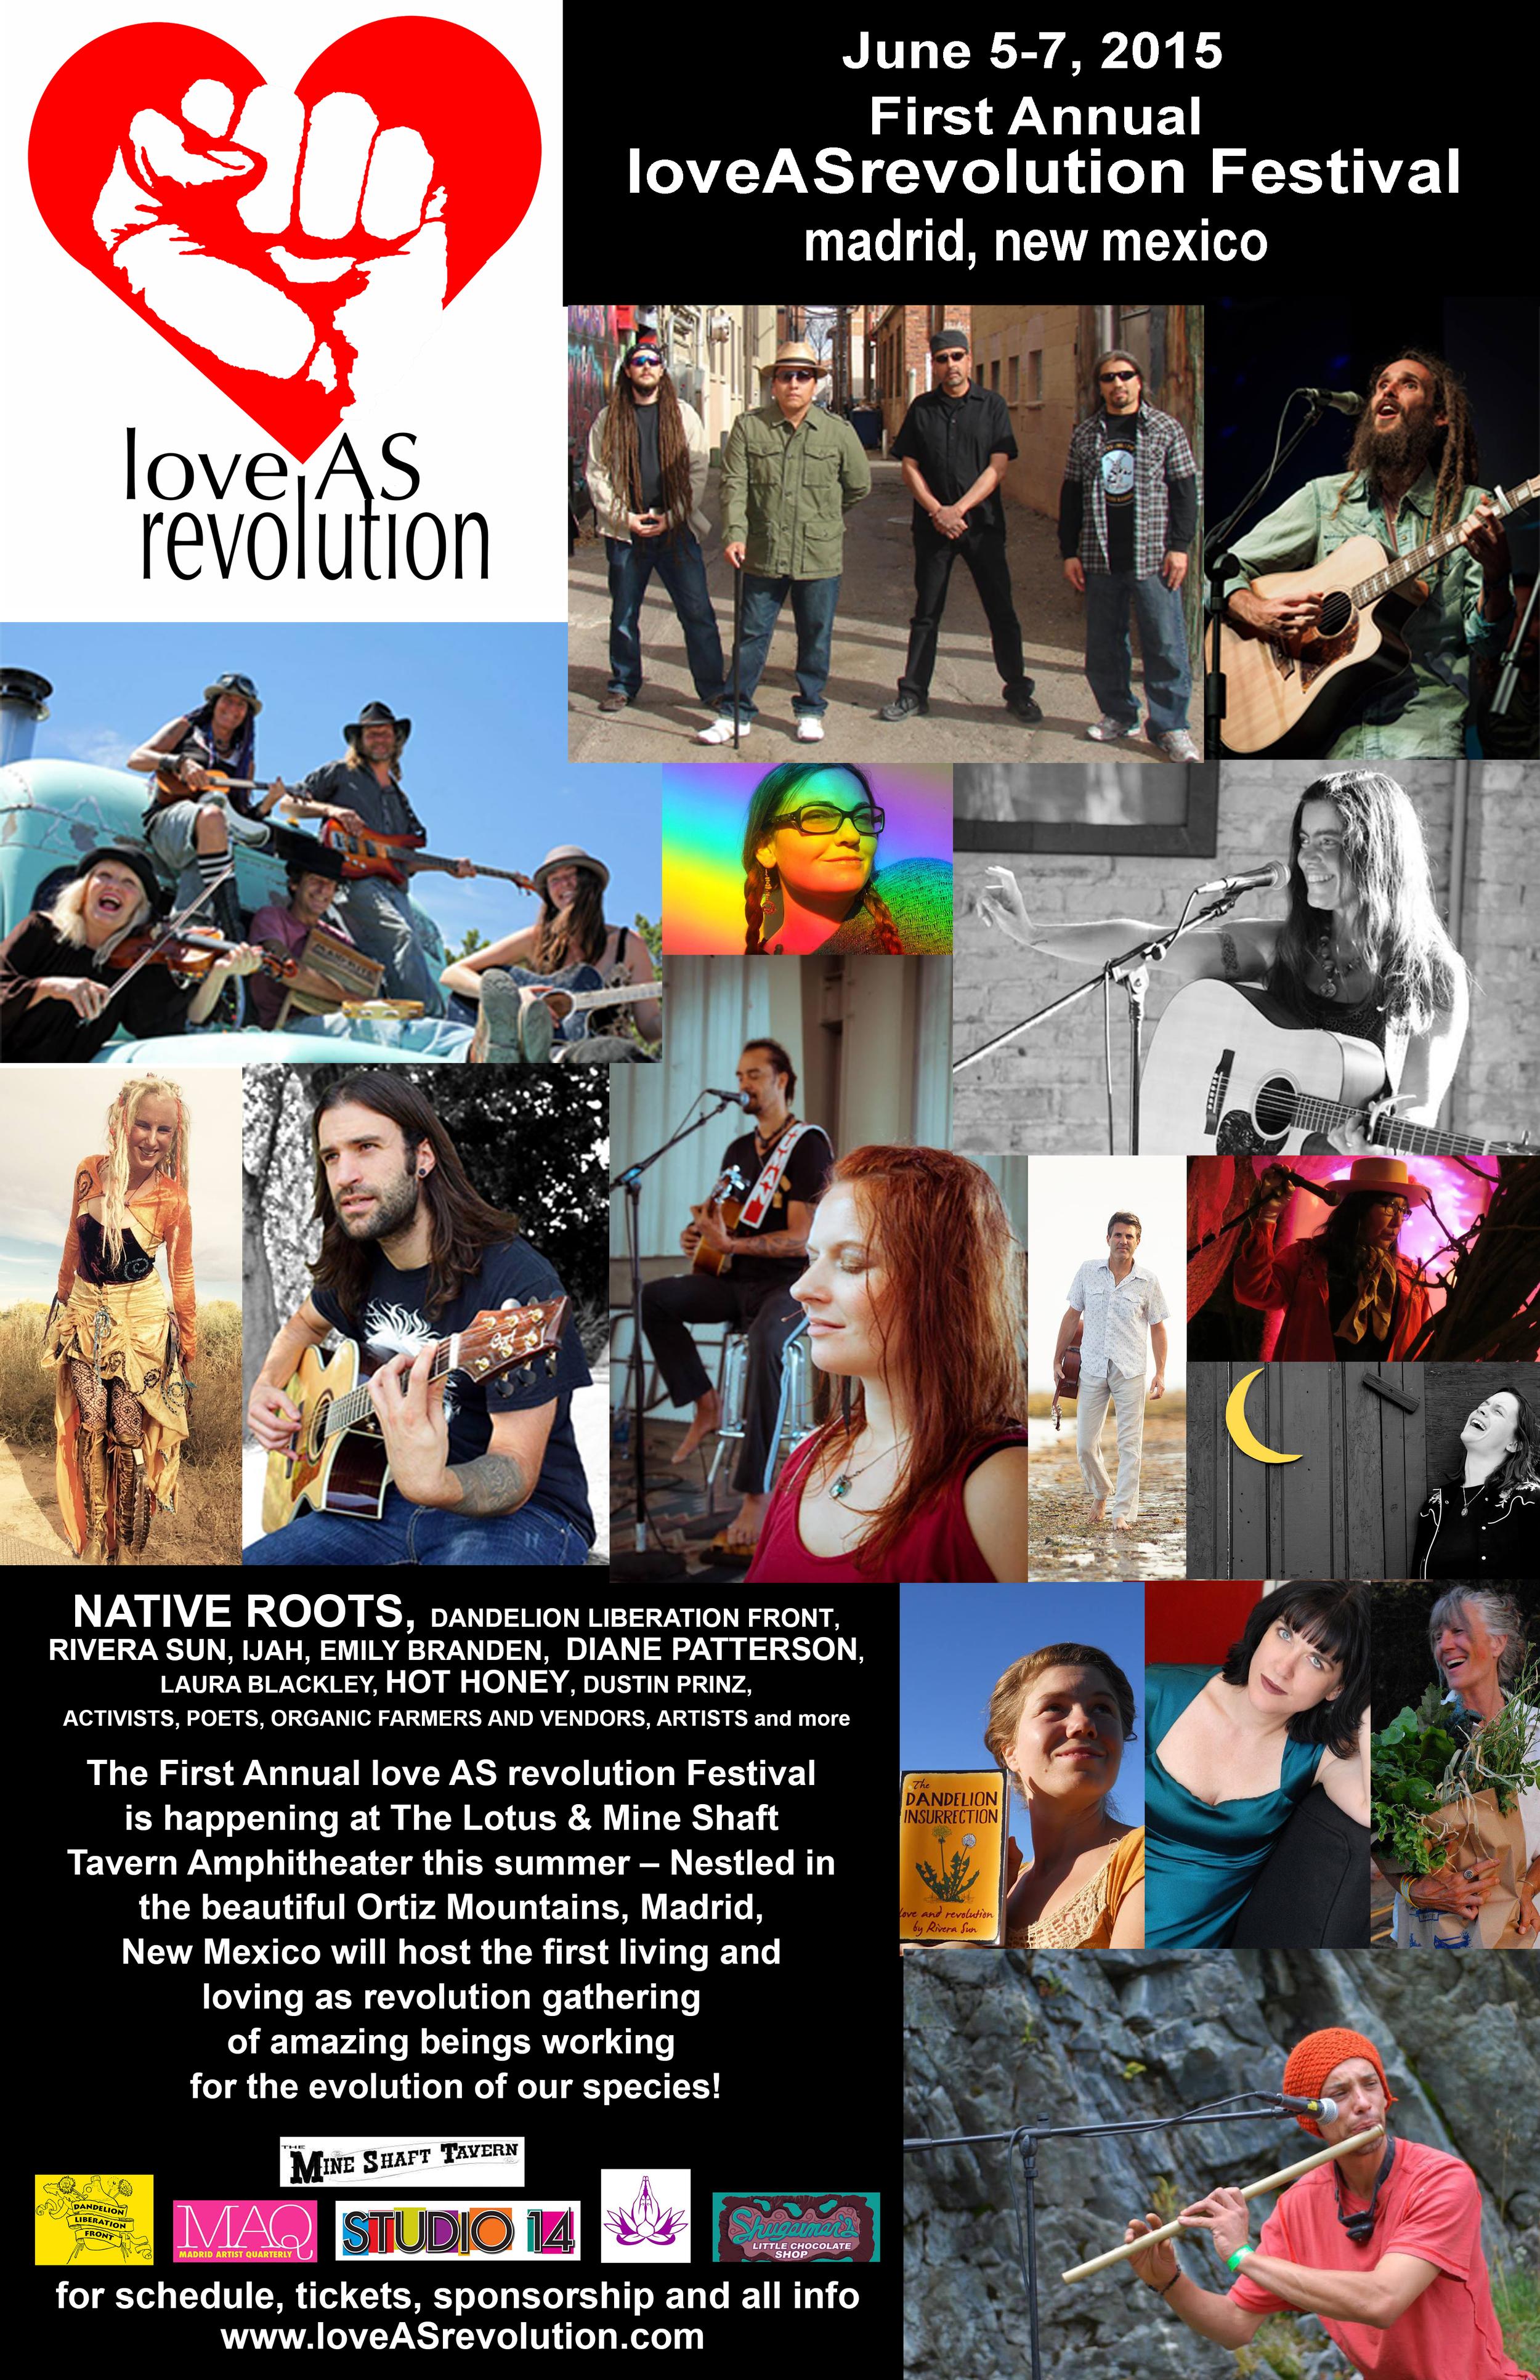 loveASrevolution Festival 2015